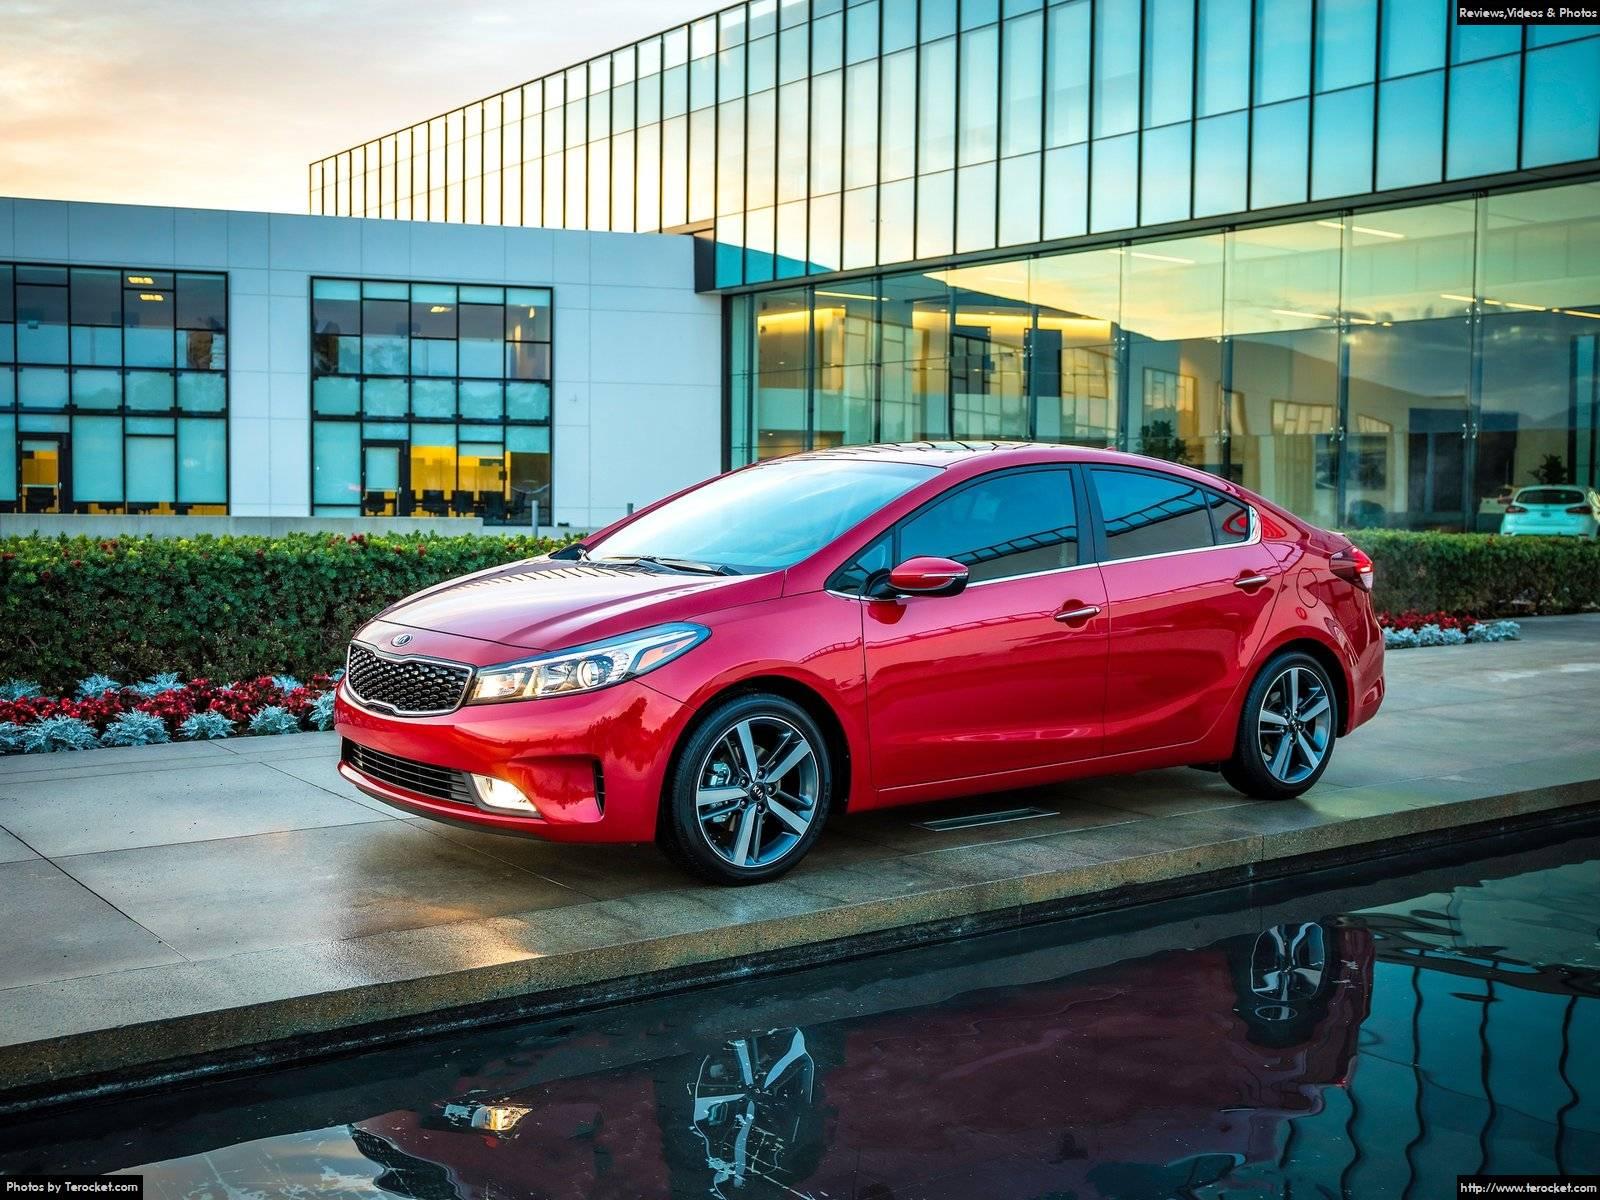 Hình ảnh xe ô tô Kia Forte 2017 & nội ngoại thất